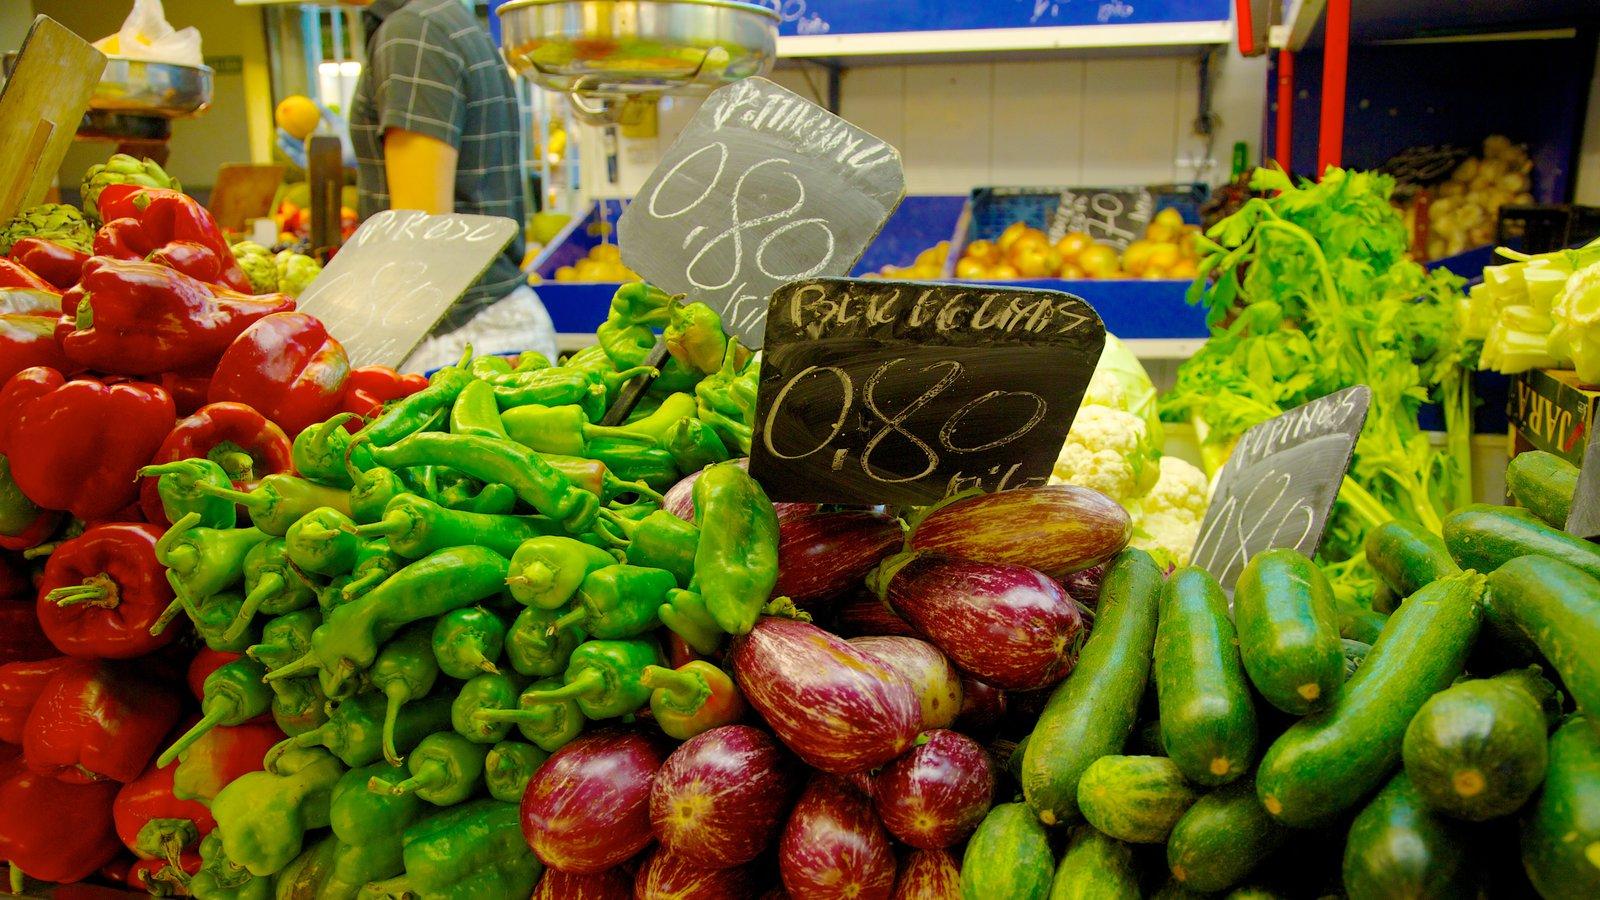 Mercado Central Alicante